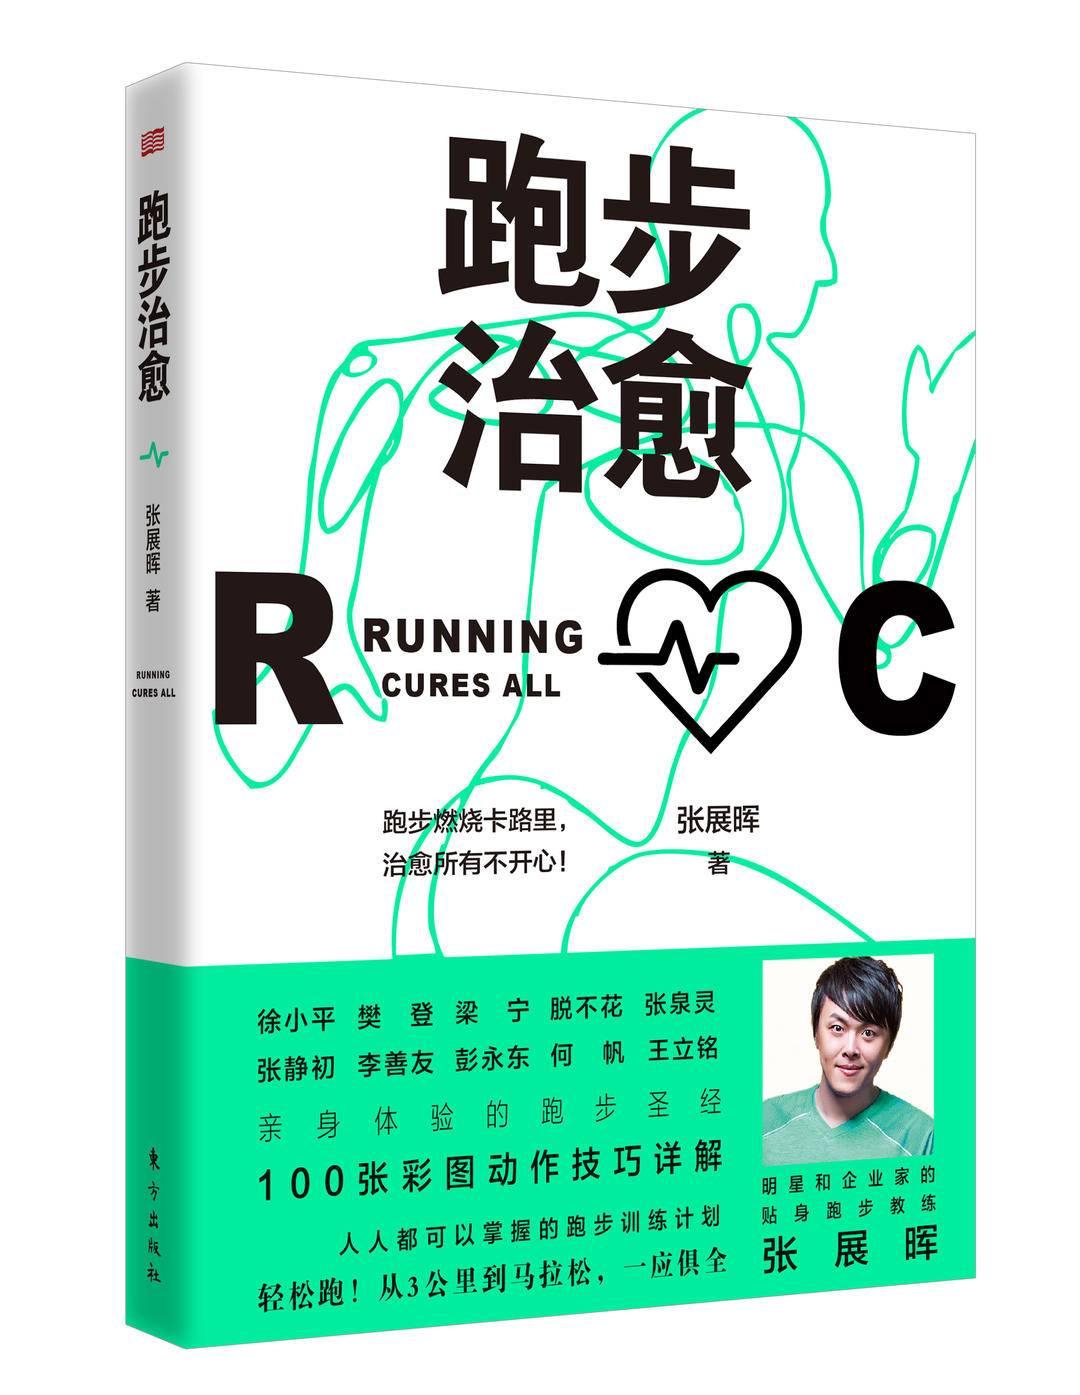 《跑步治愈》:一本书为你揭开跑步上瘾的真正秘密